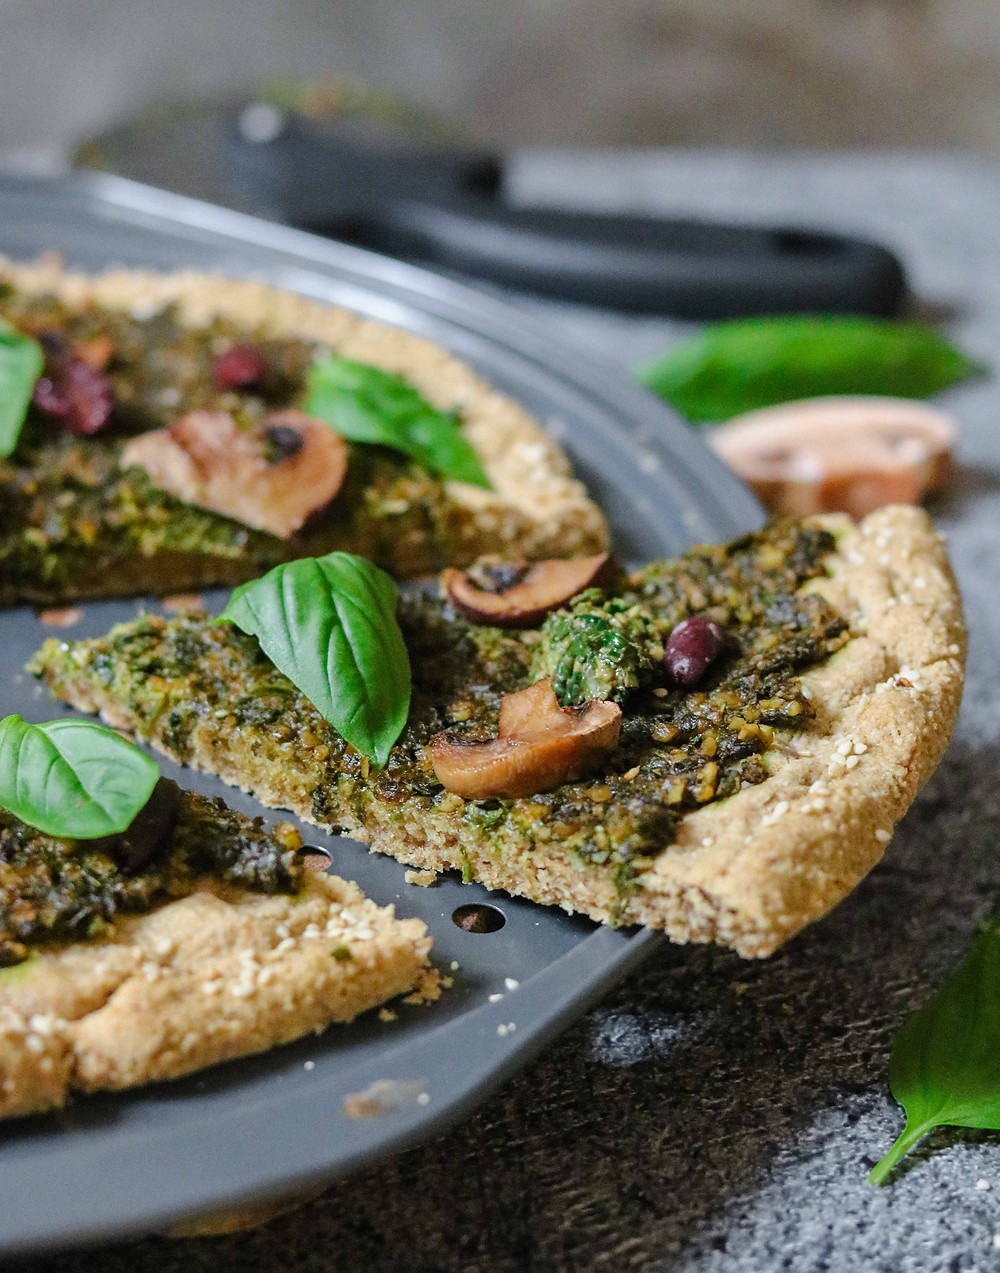 פיצה טבעונית ללא גלוטן ללא שמרים עם פסטו ירוקים ביתי